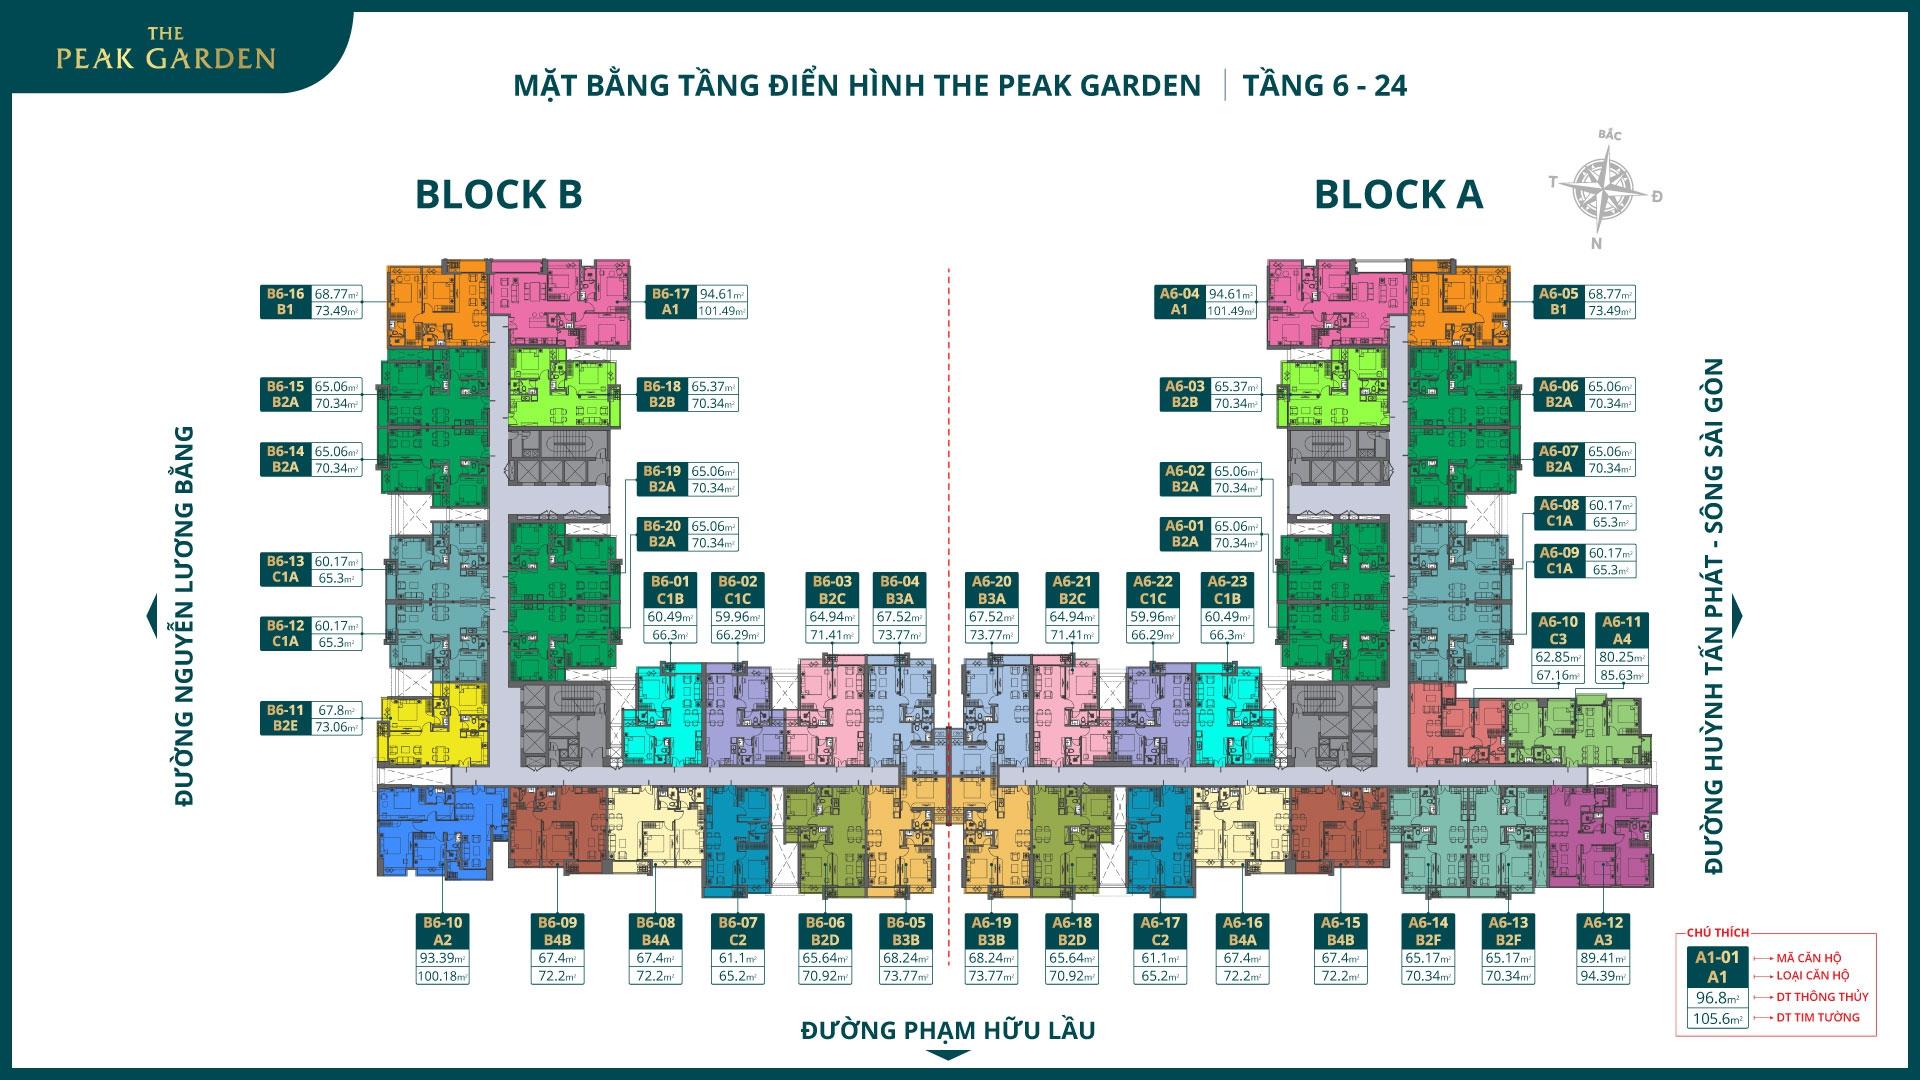 Mat Bang The Peak Garden Tang 6 24 2021